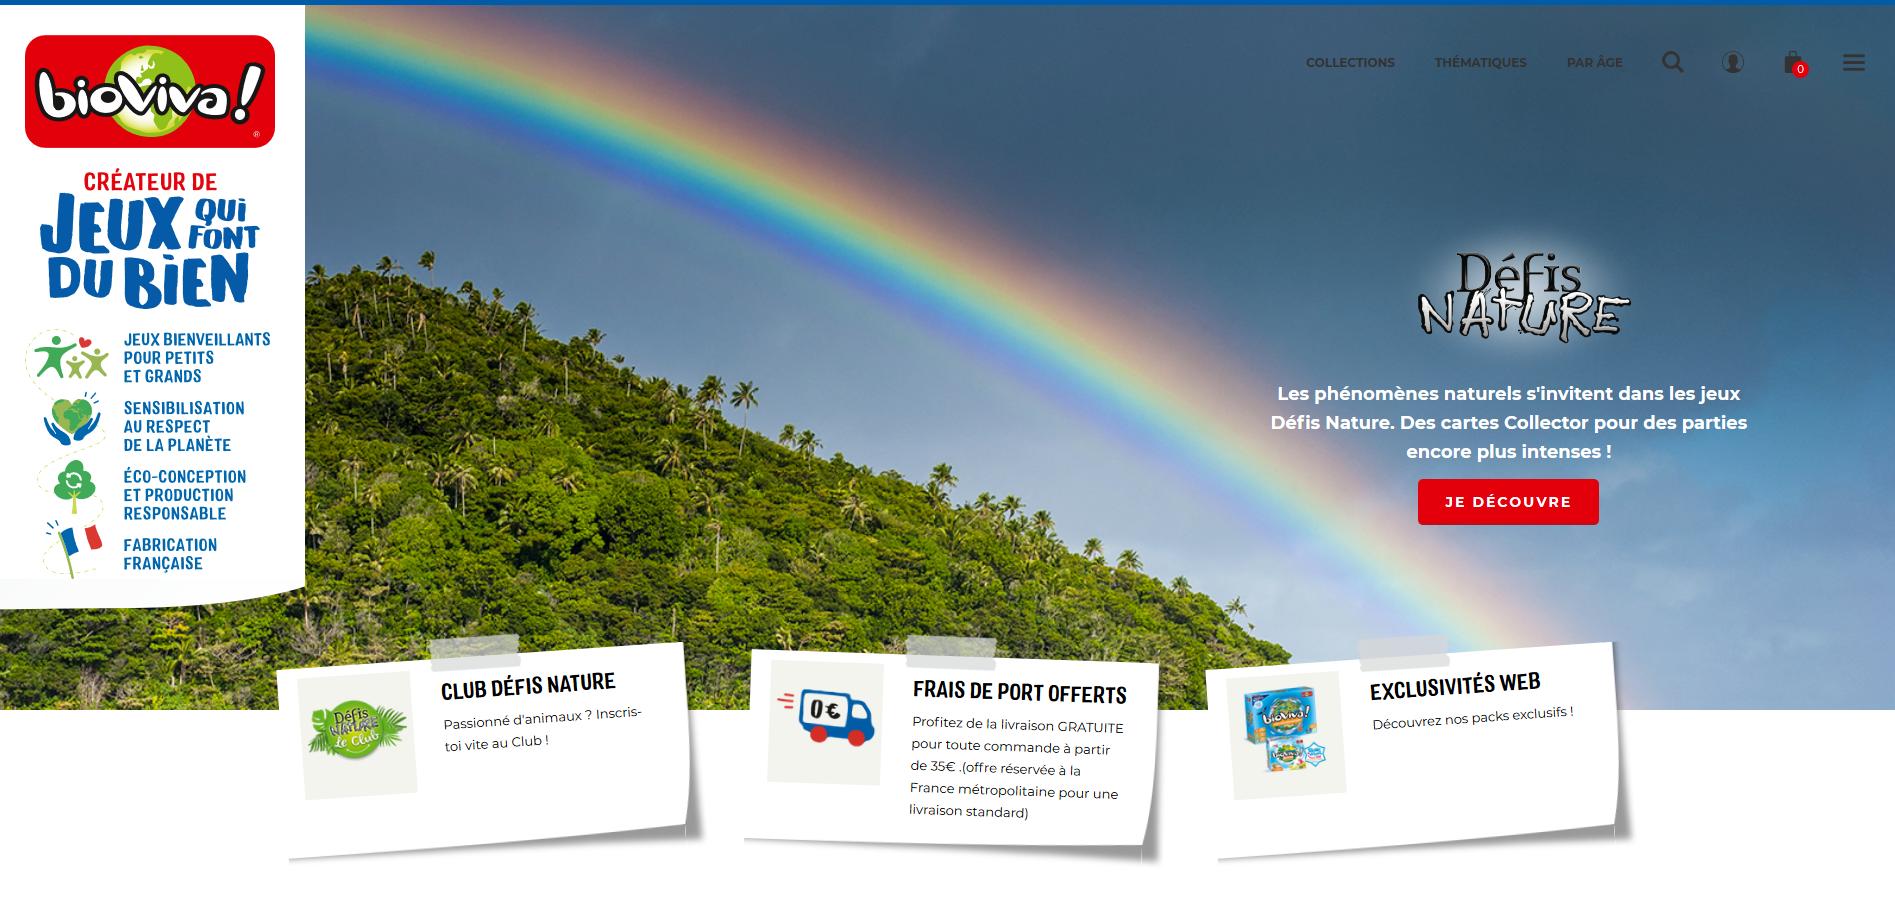 Connexion réussie pour Bioviva entre sa gestion commerciale Sage et son site ecommerce PrestaShop